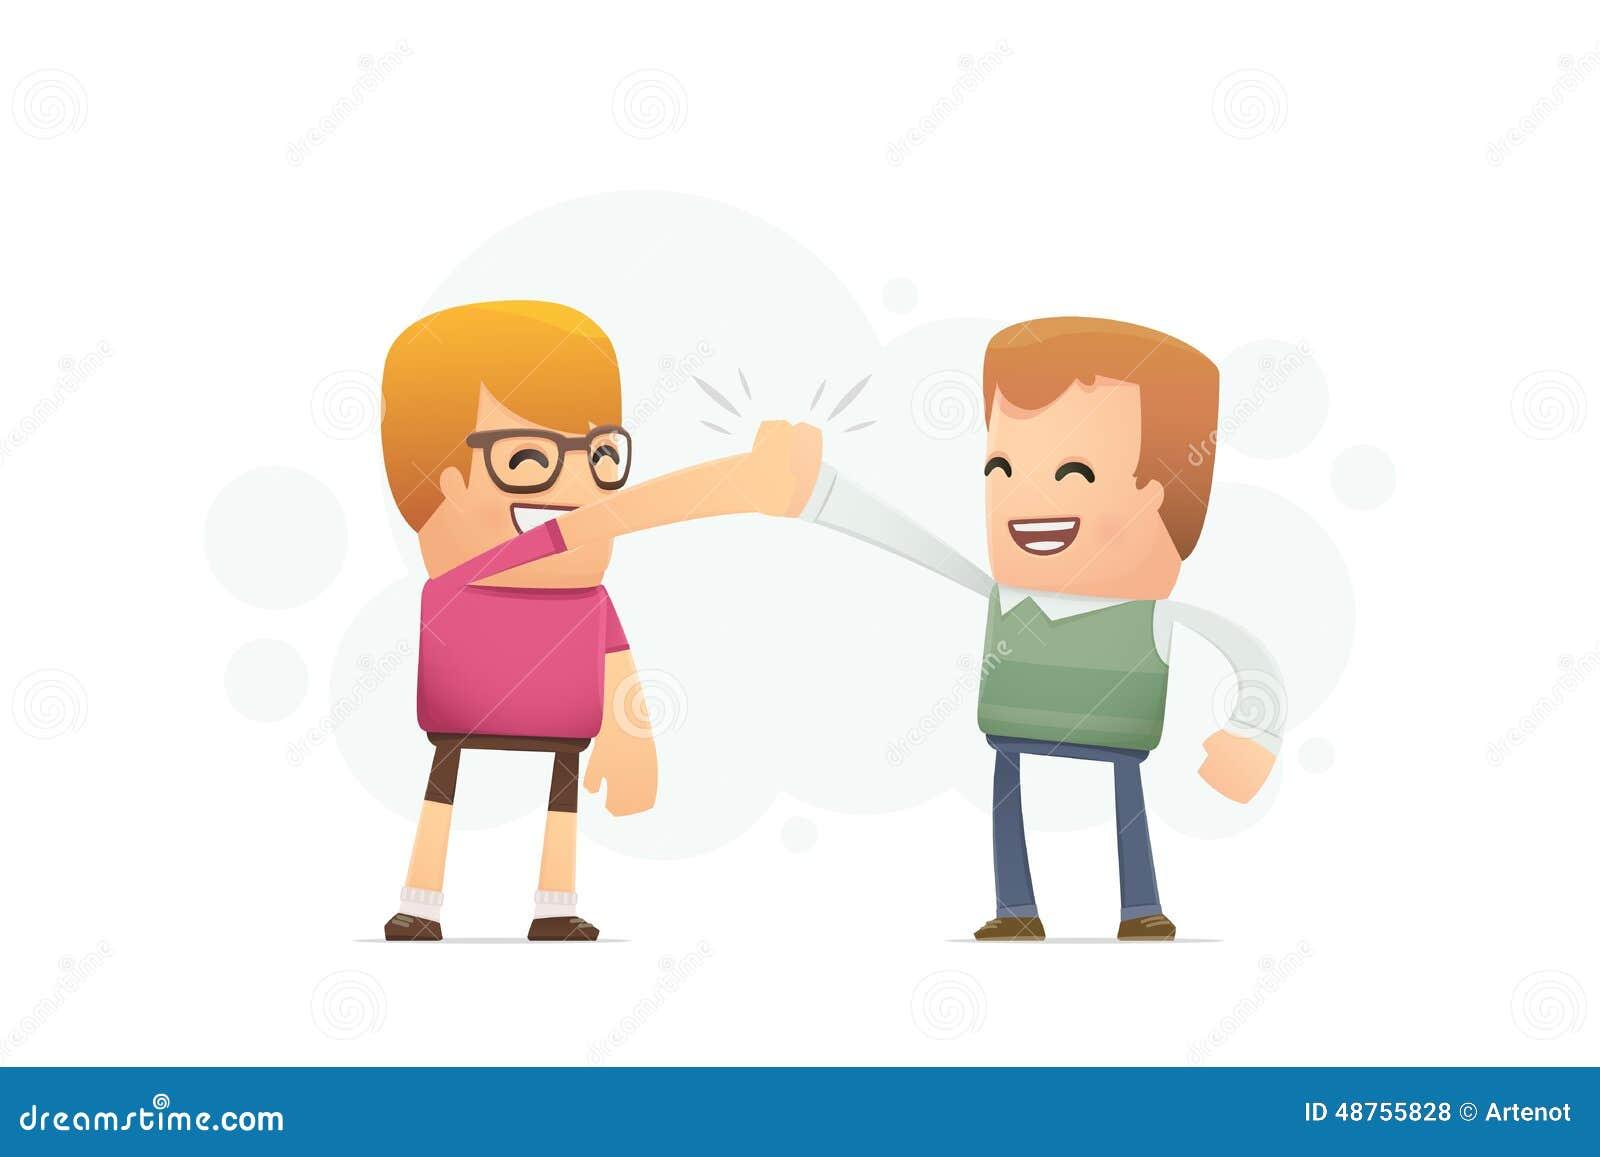 elit dating partnerskap